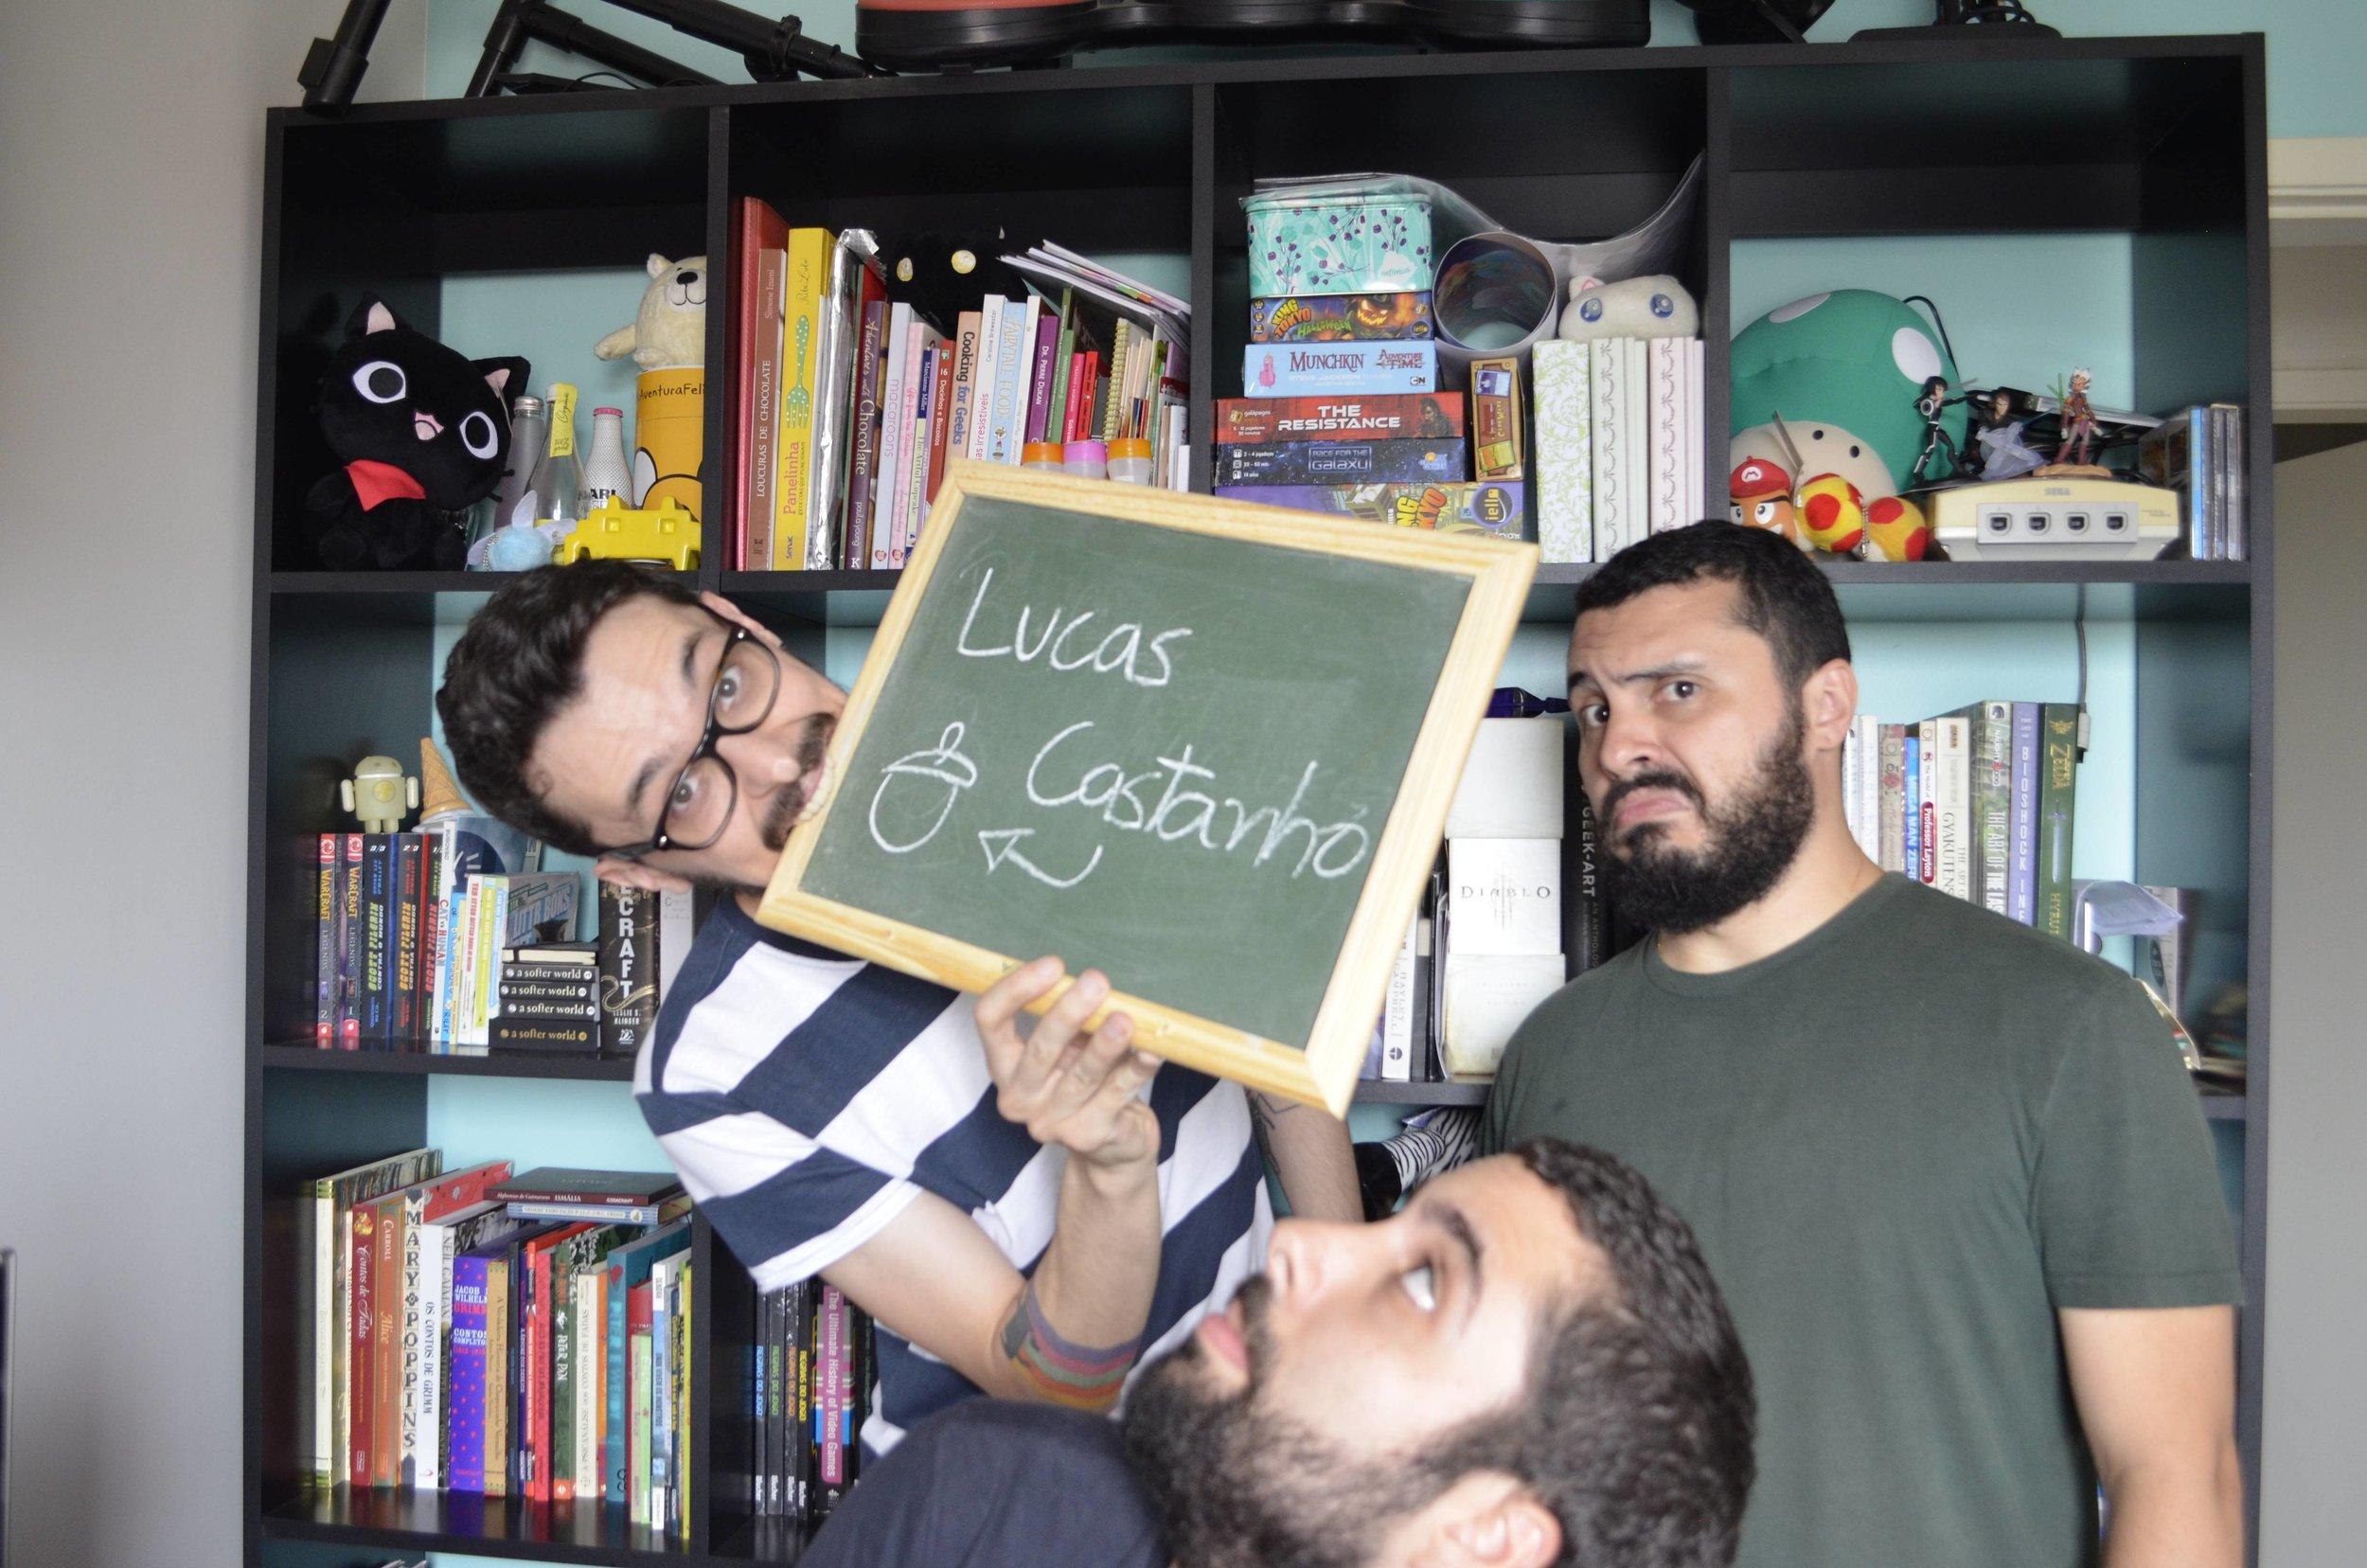 Lucas-Castanho.jpg